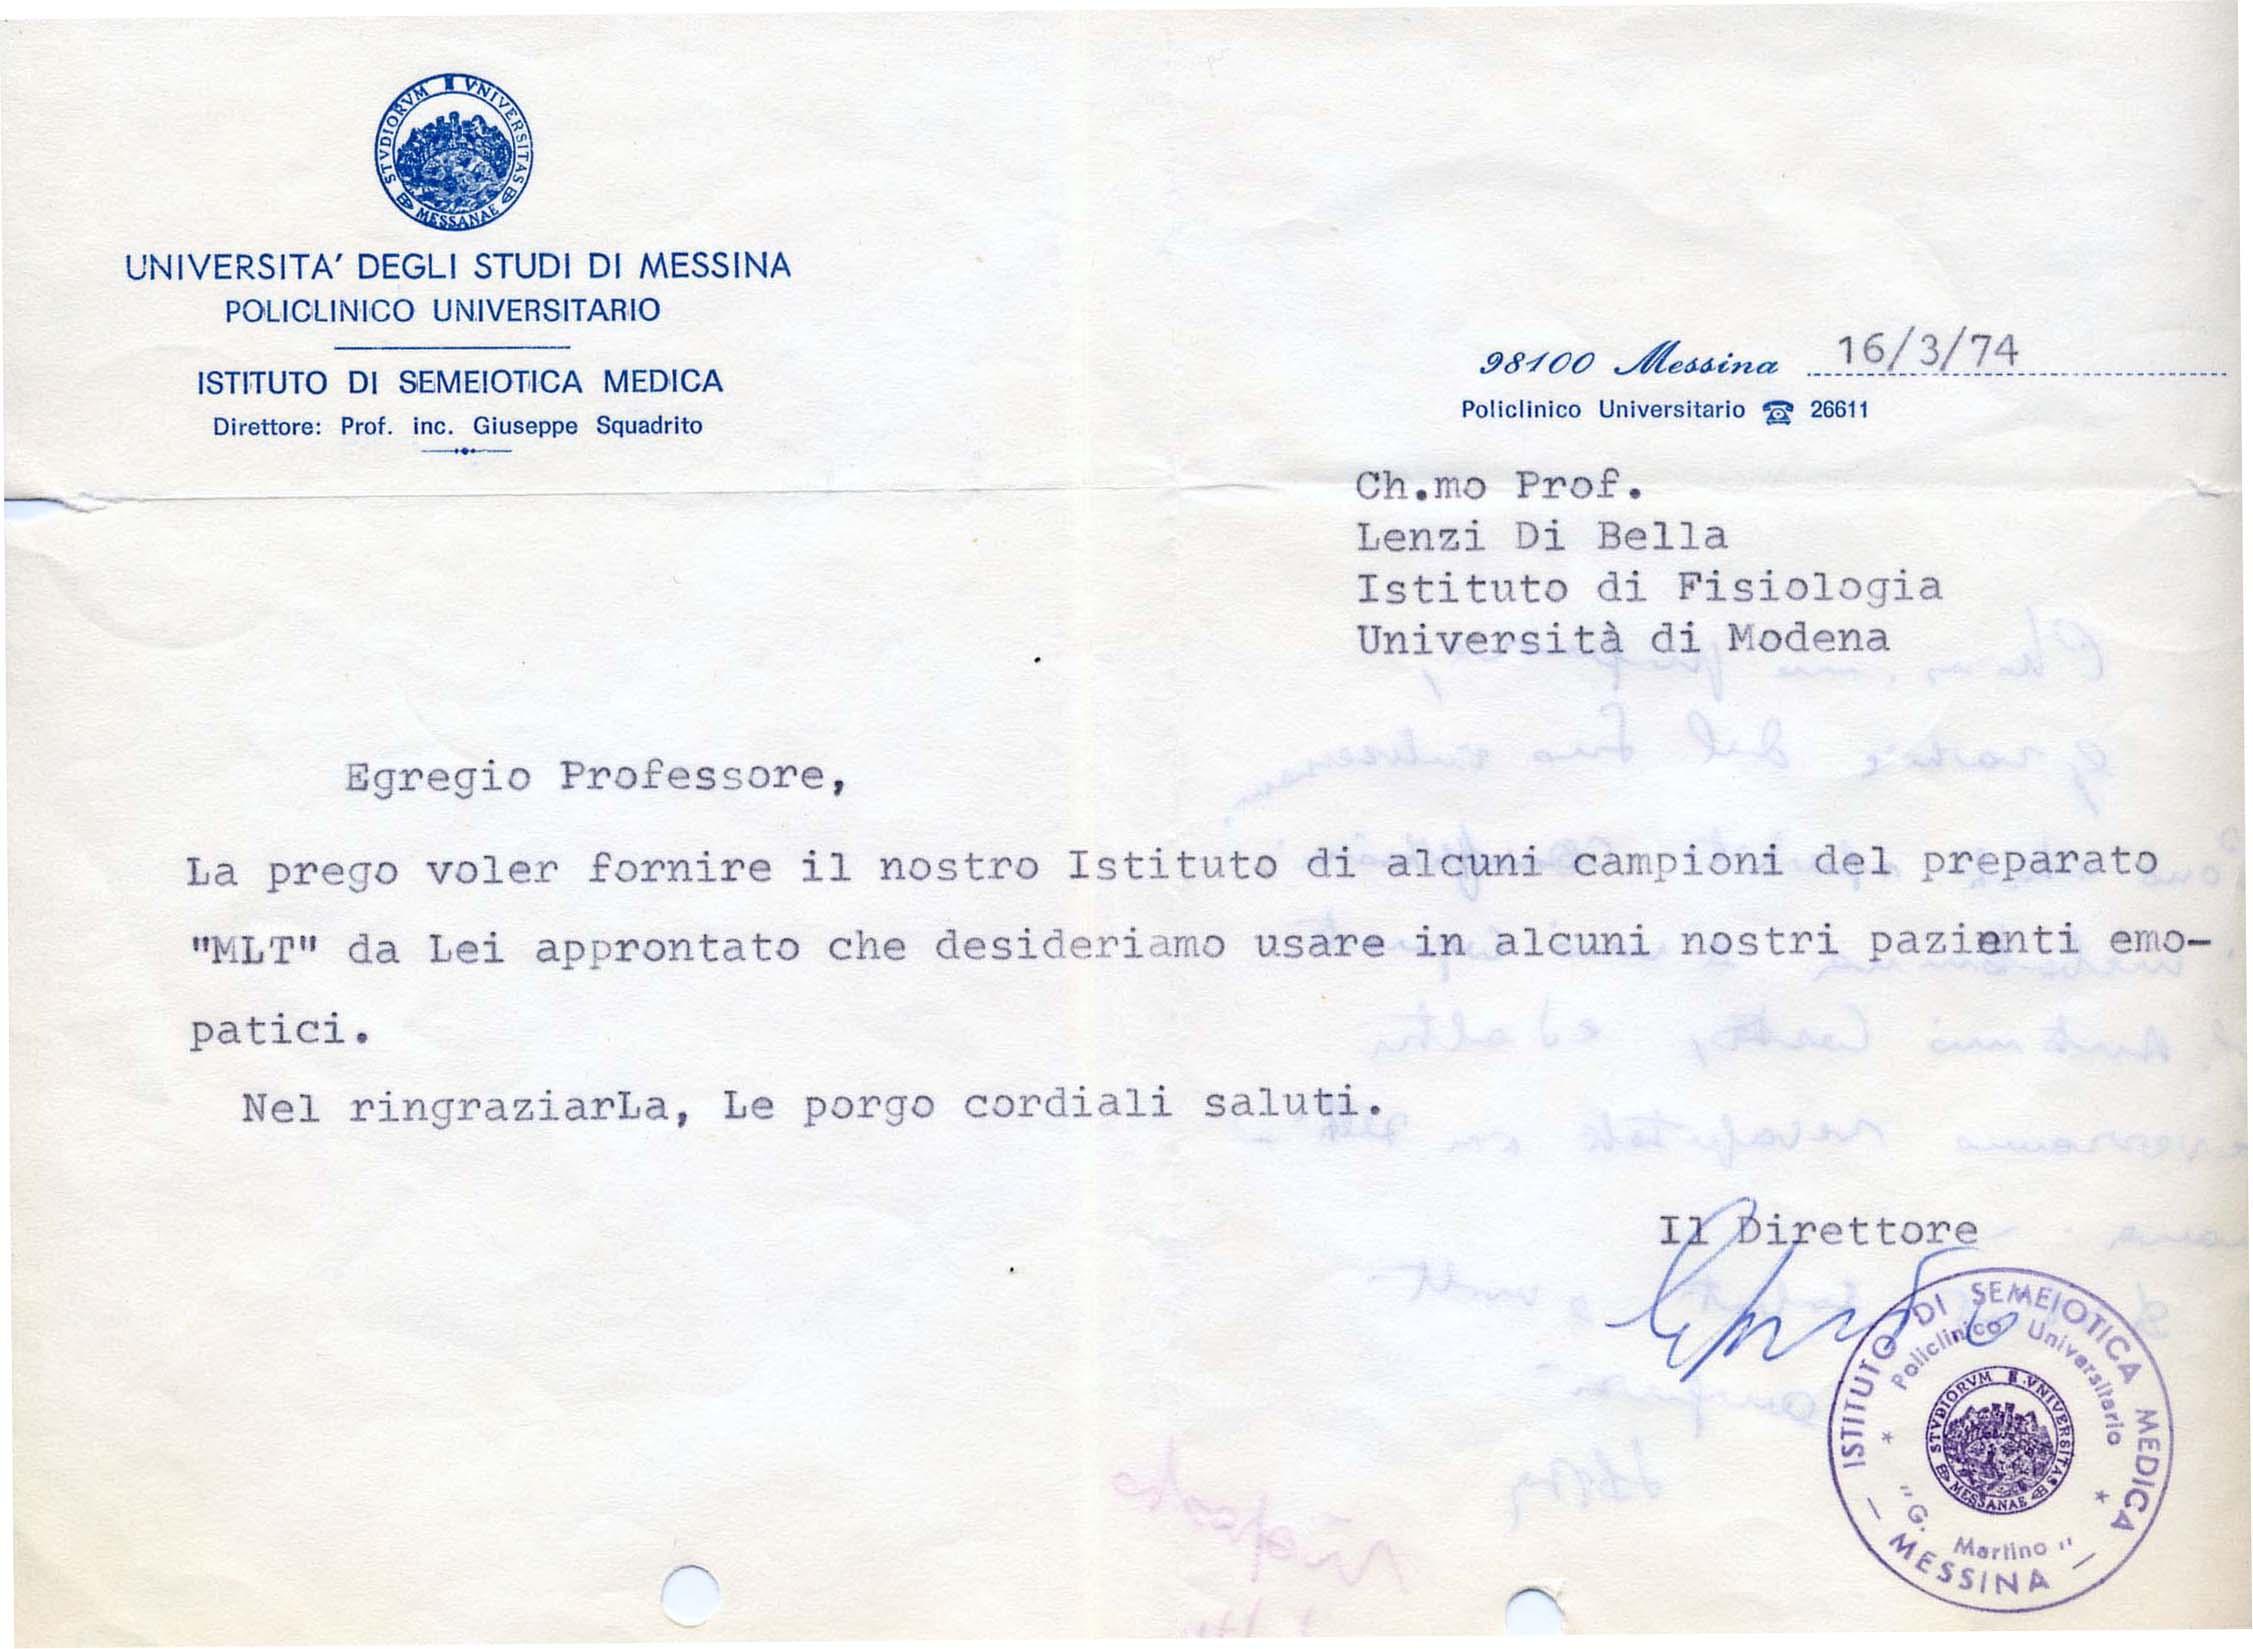 Lettera Policlinico Universitario - Università degli Studi di Messina 1974